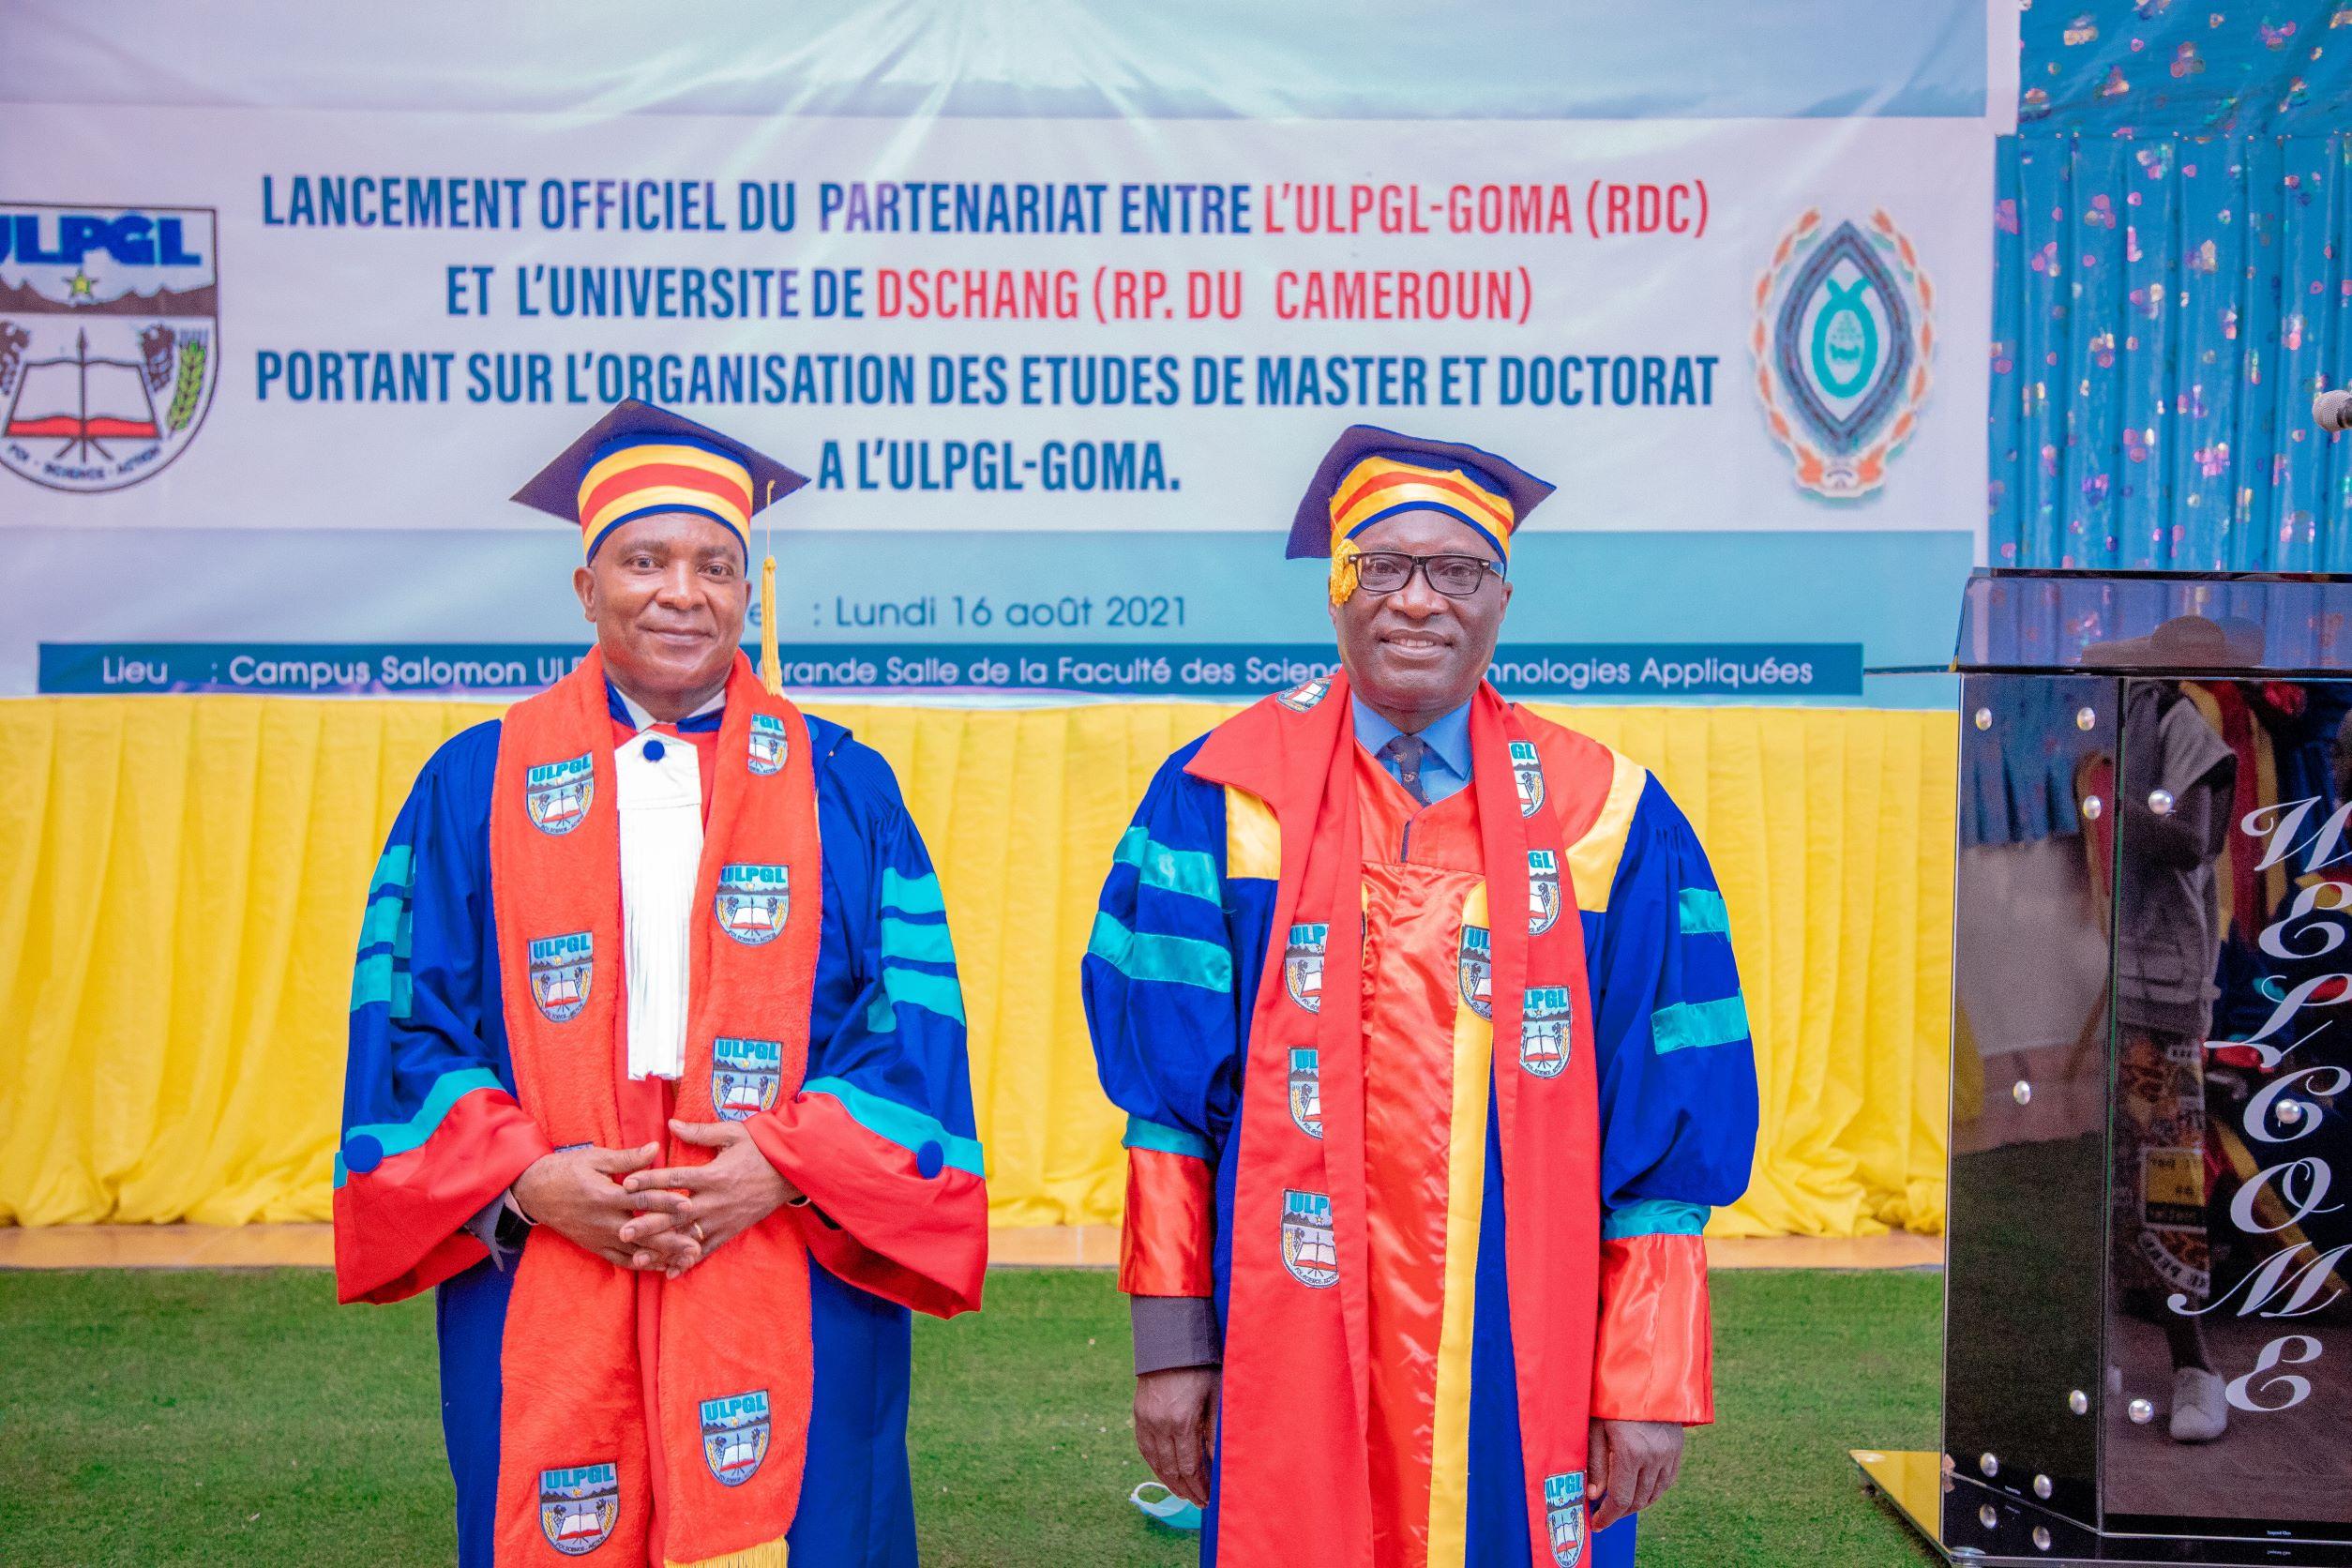 Lancement des cycles de Masters et de Doctorat à l'ULPGL-Goma en collaboration avec Université de DSCHANG de Cameroun.